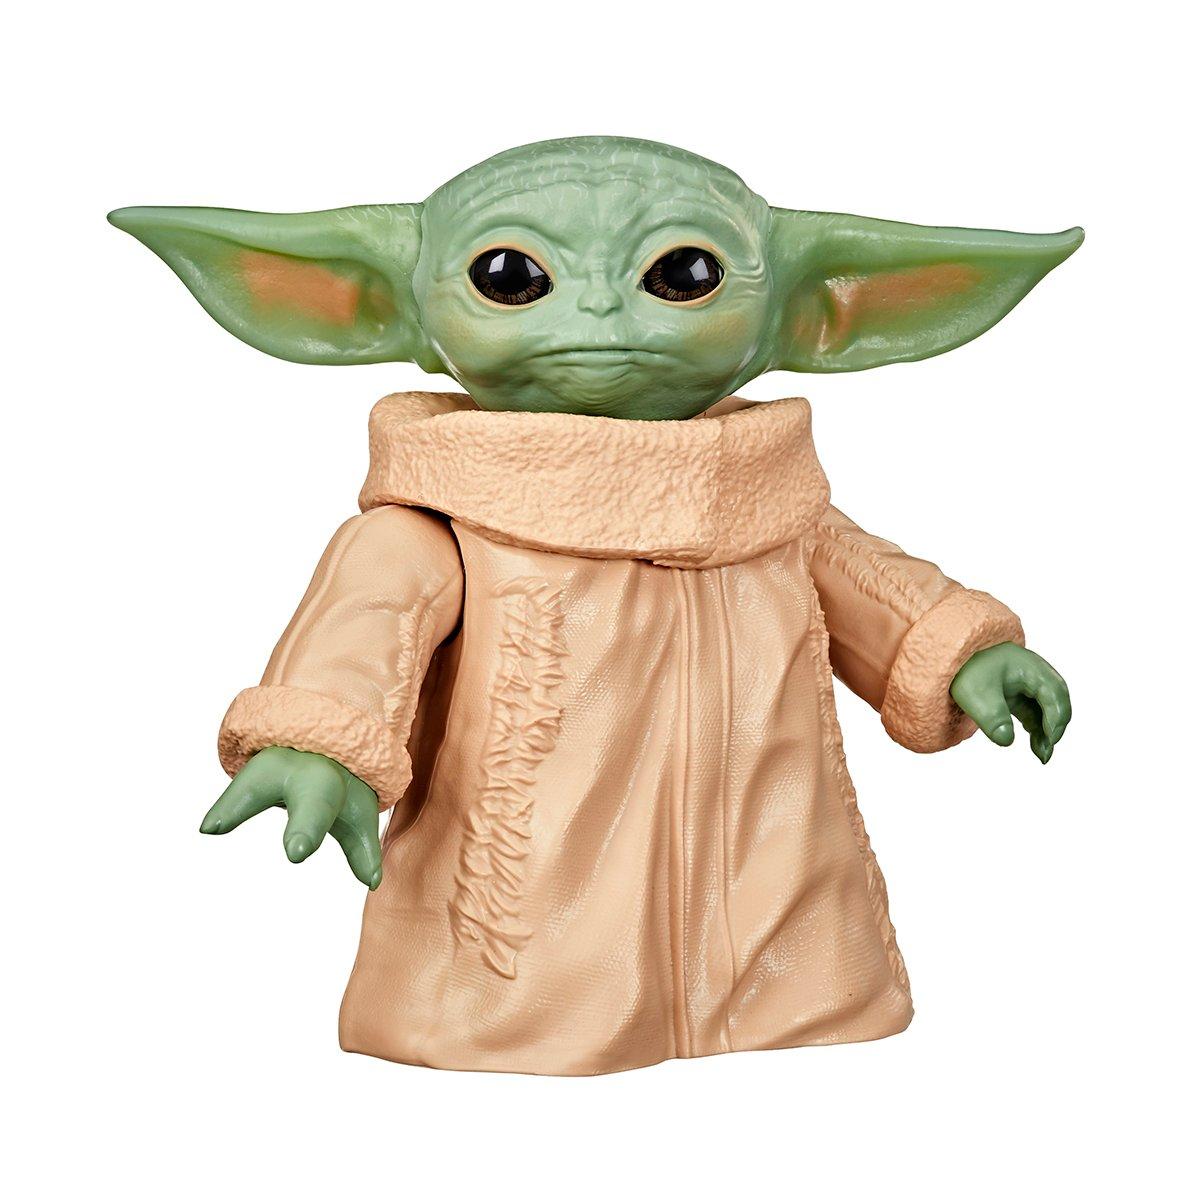 Figurina Star Wars Baby Yoda, 16.5 cm